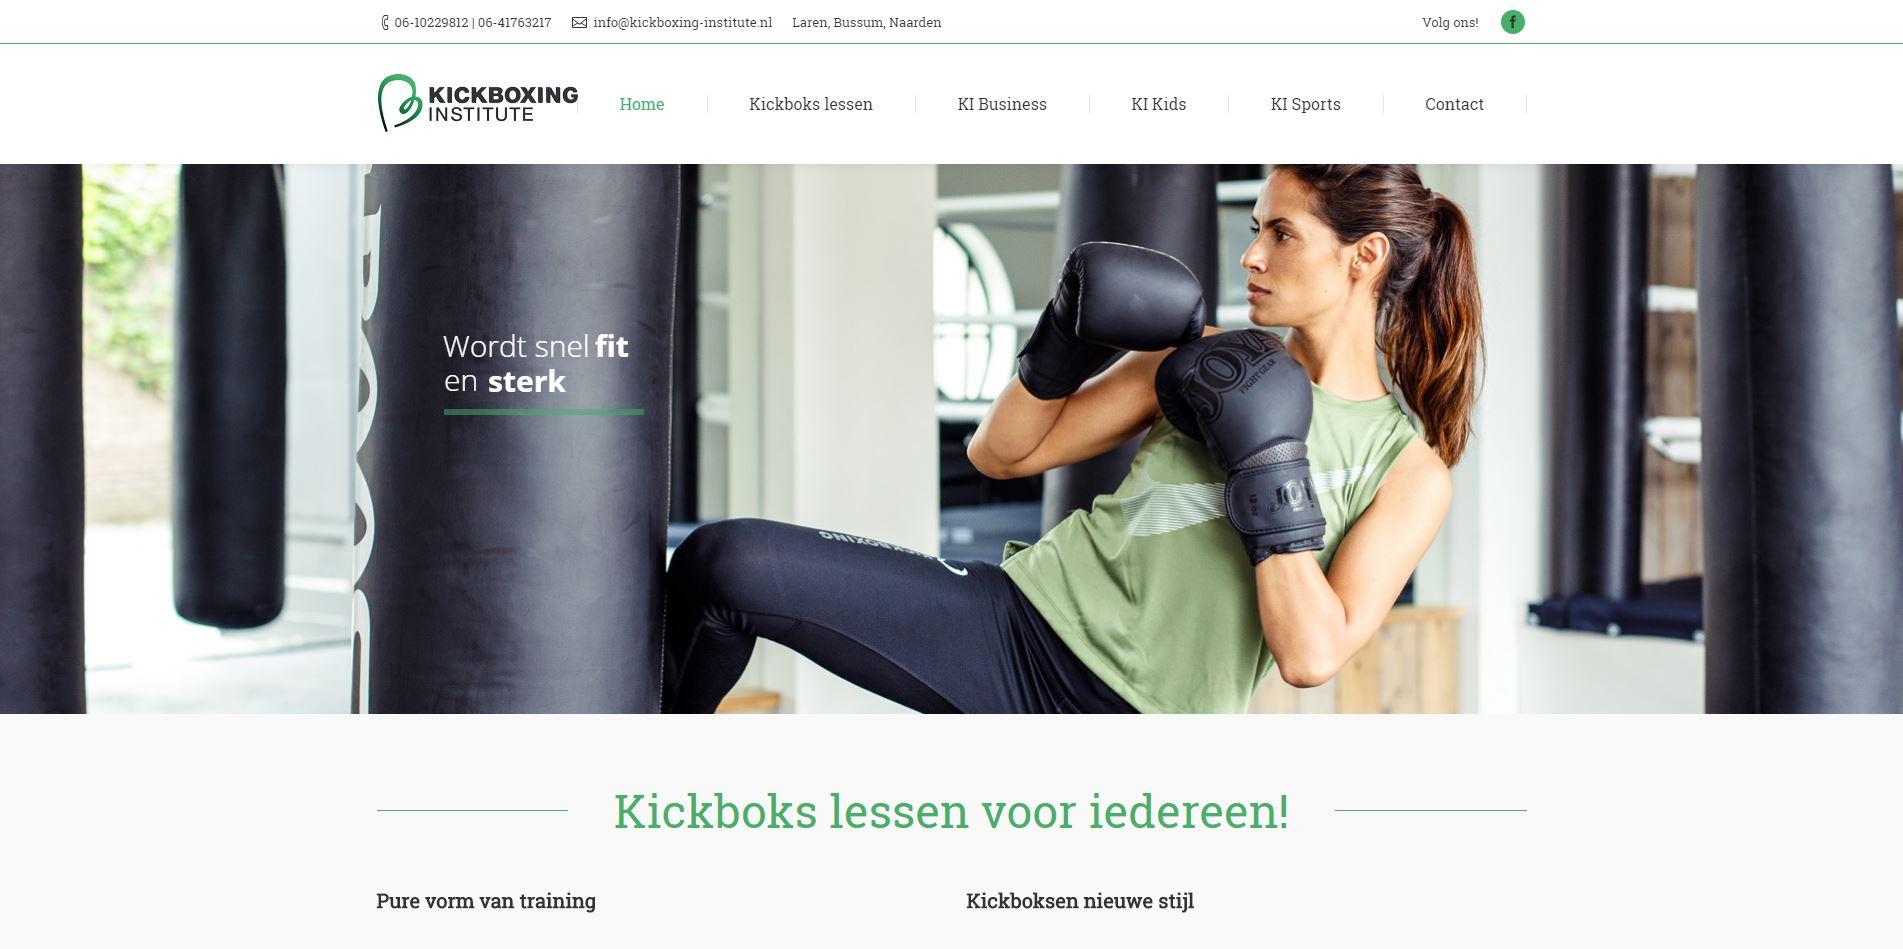 SEO Optimalisatie Kickboxing Institute